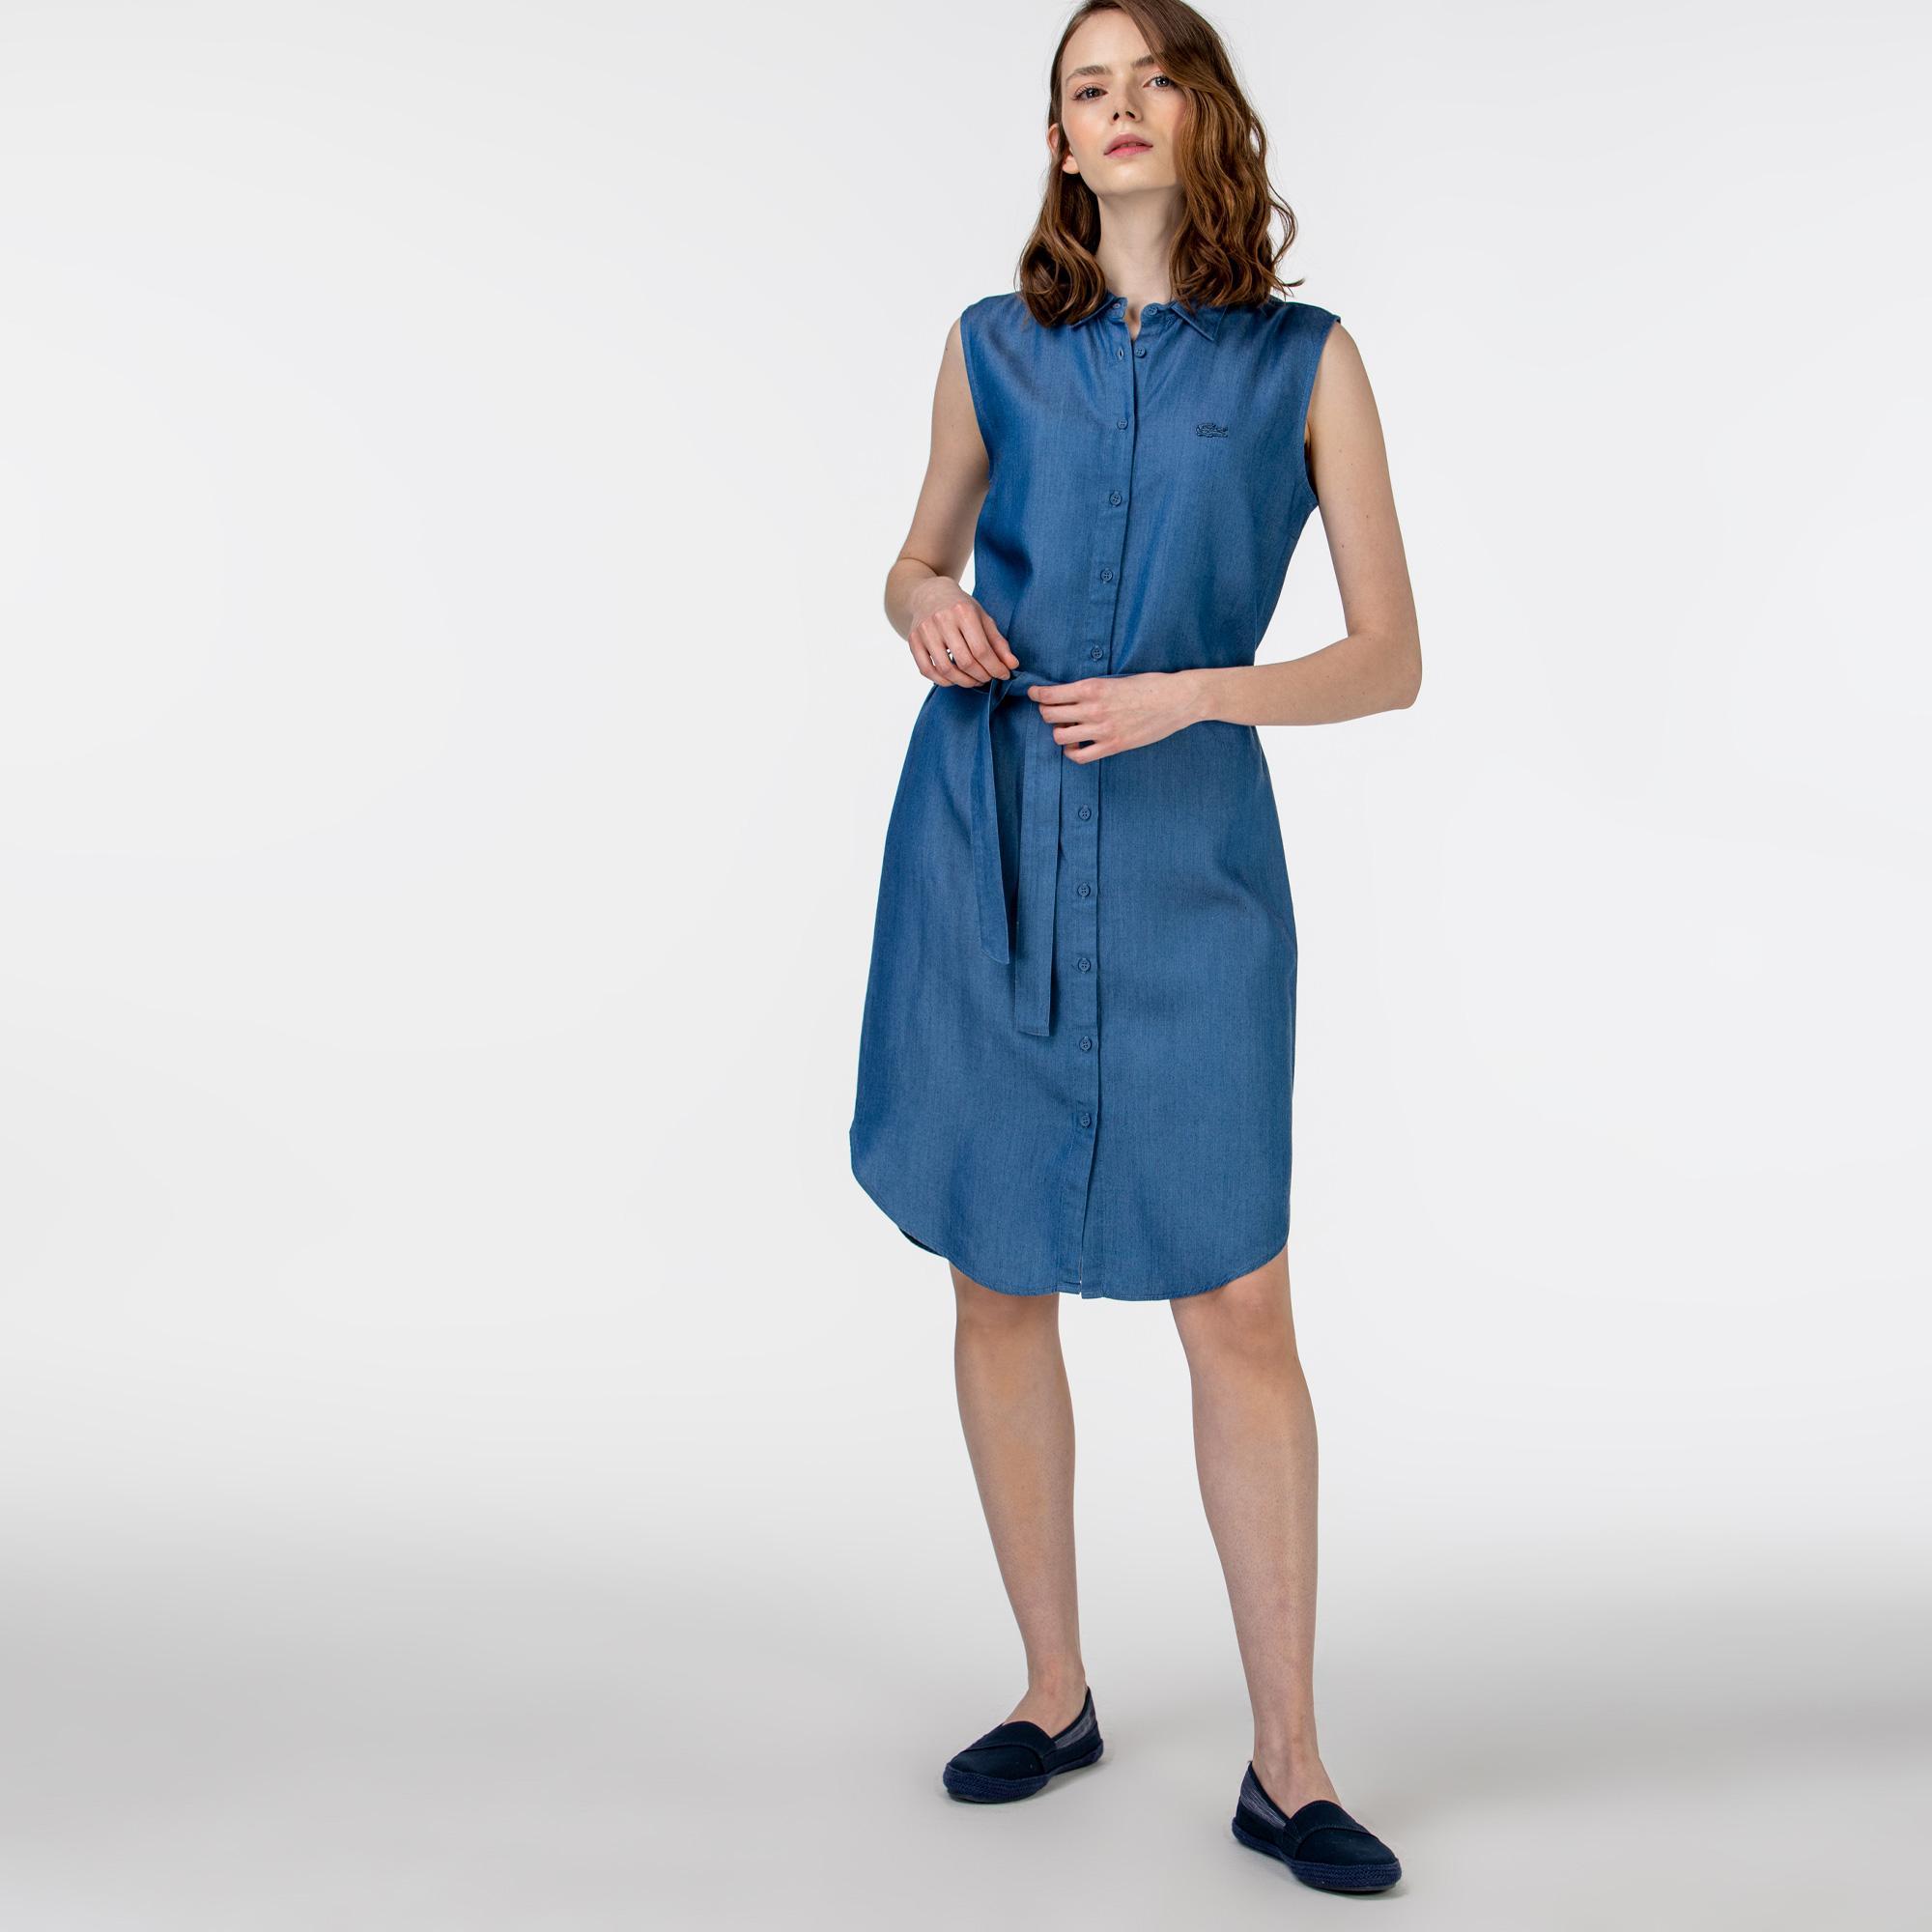 Lacoste Kadın Kolsuz Gömlek Yaka Açık Denim Elbise